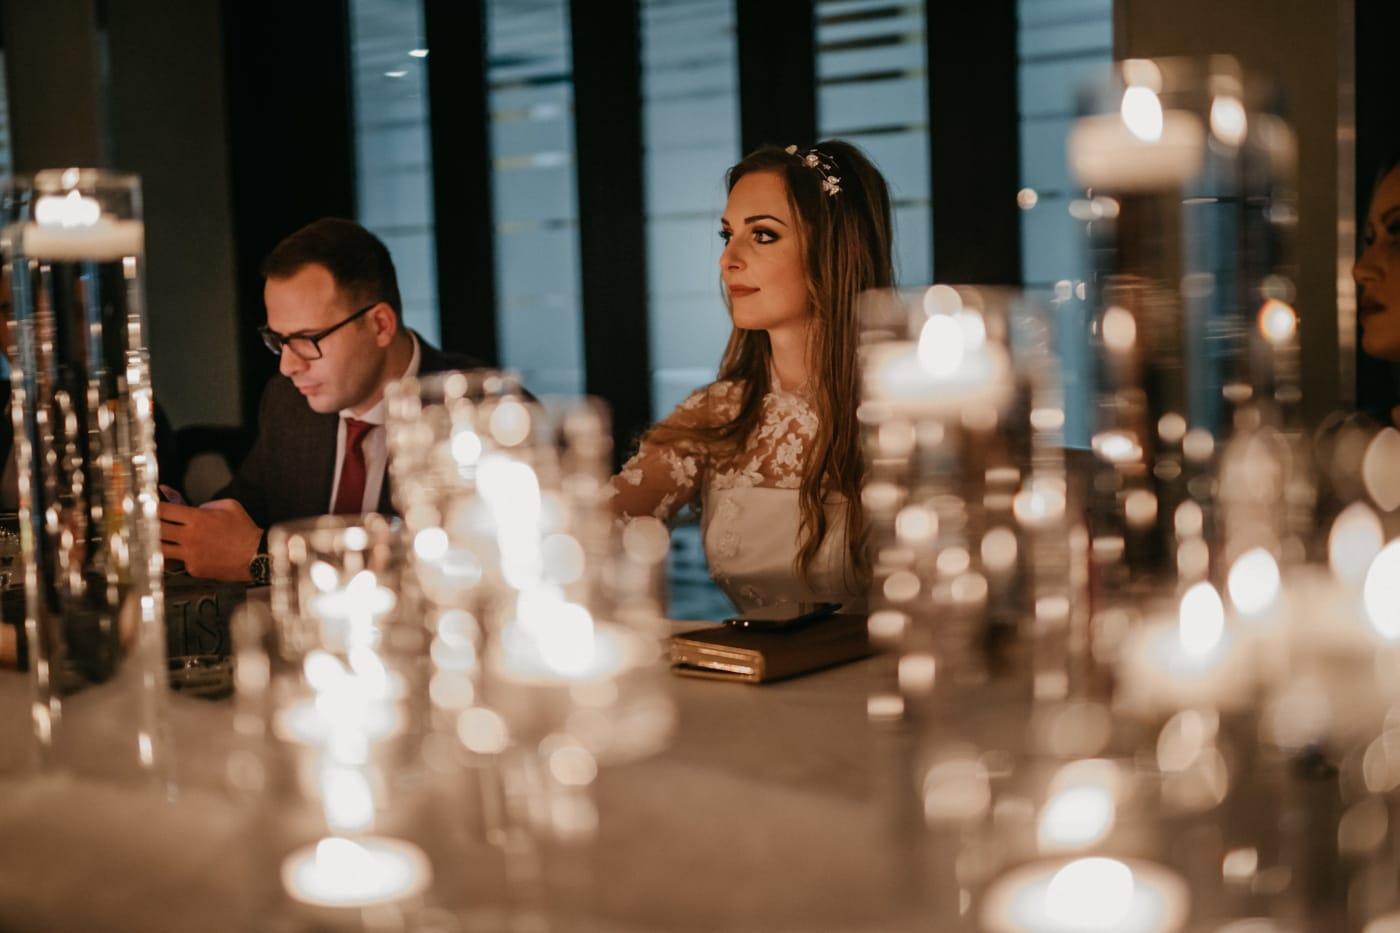 обідній стіл, побачення кохання, свічки, при свічках, романтичний, подруга, хлопець, пара, жінка, людина